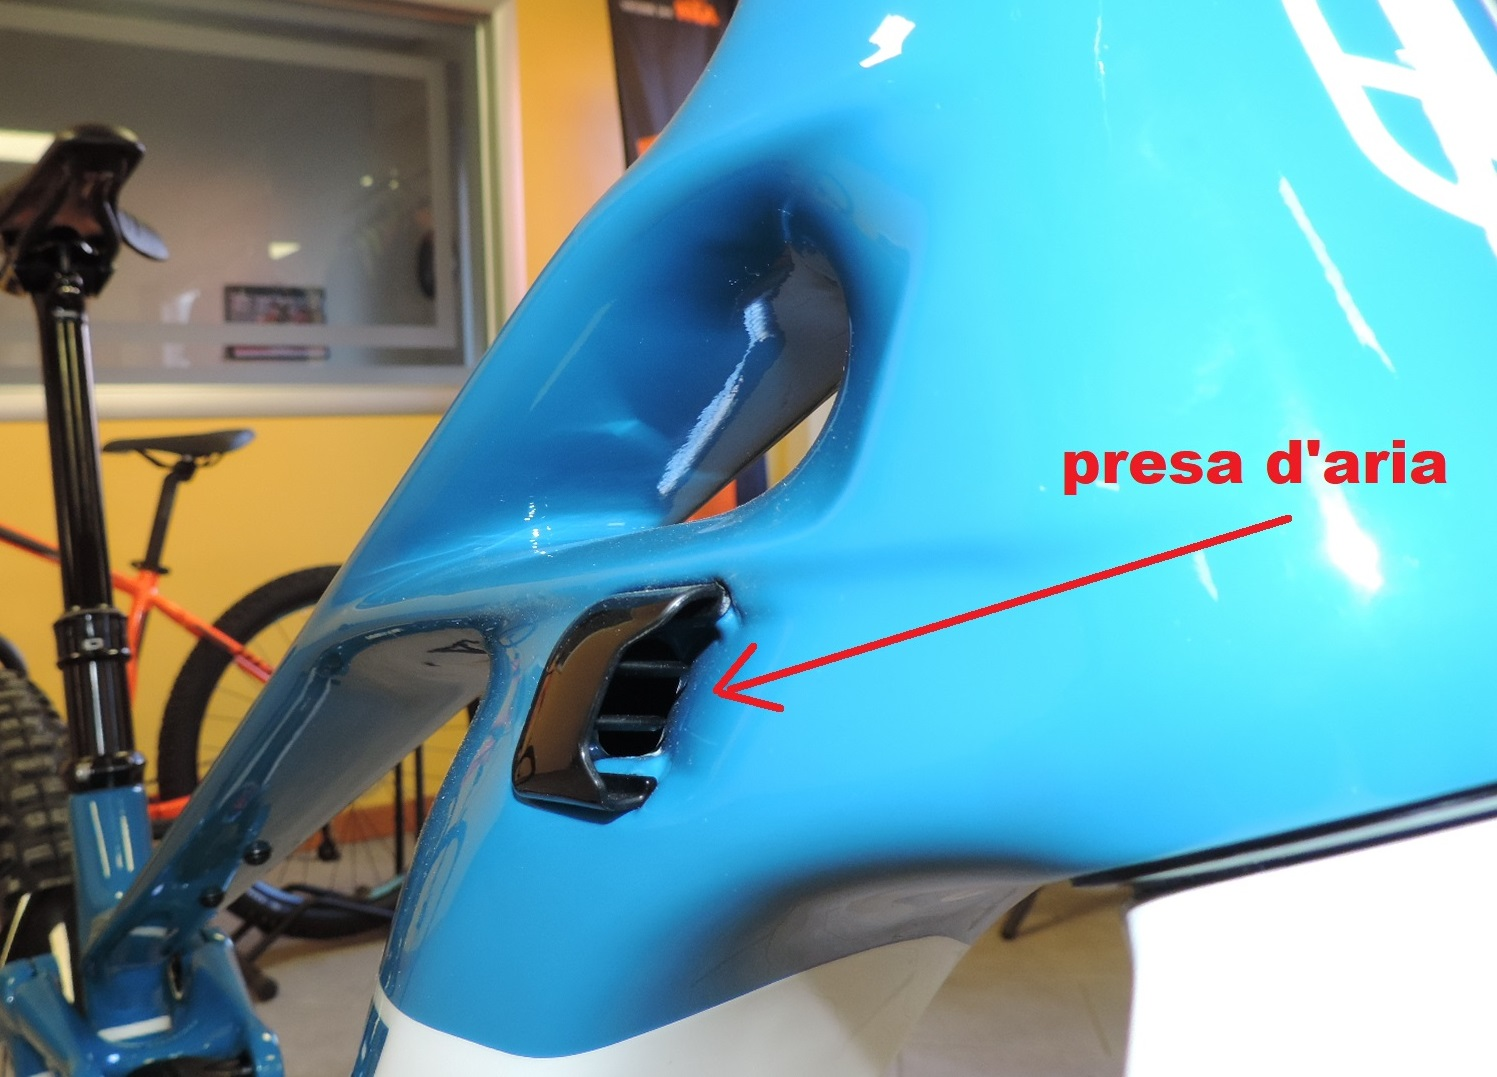 la Crafty RR Carbon mondraker è dotata di due prese d'aria per raffreddare il motore e la batteria.